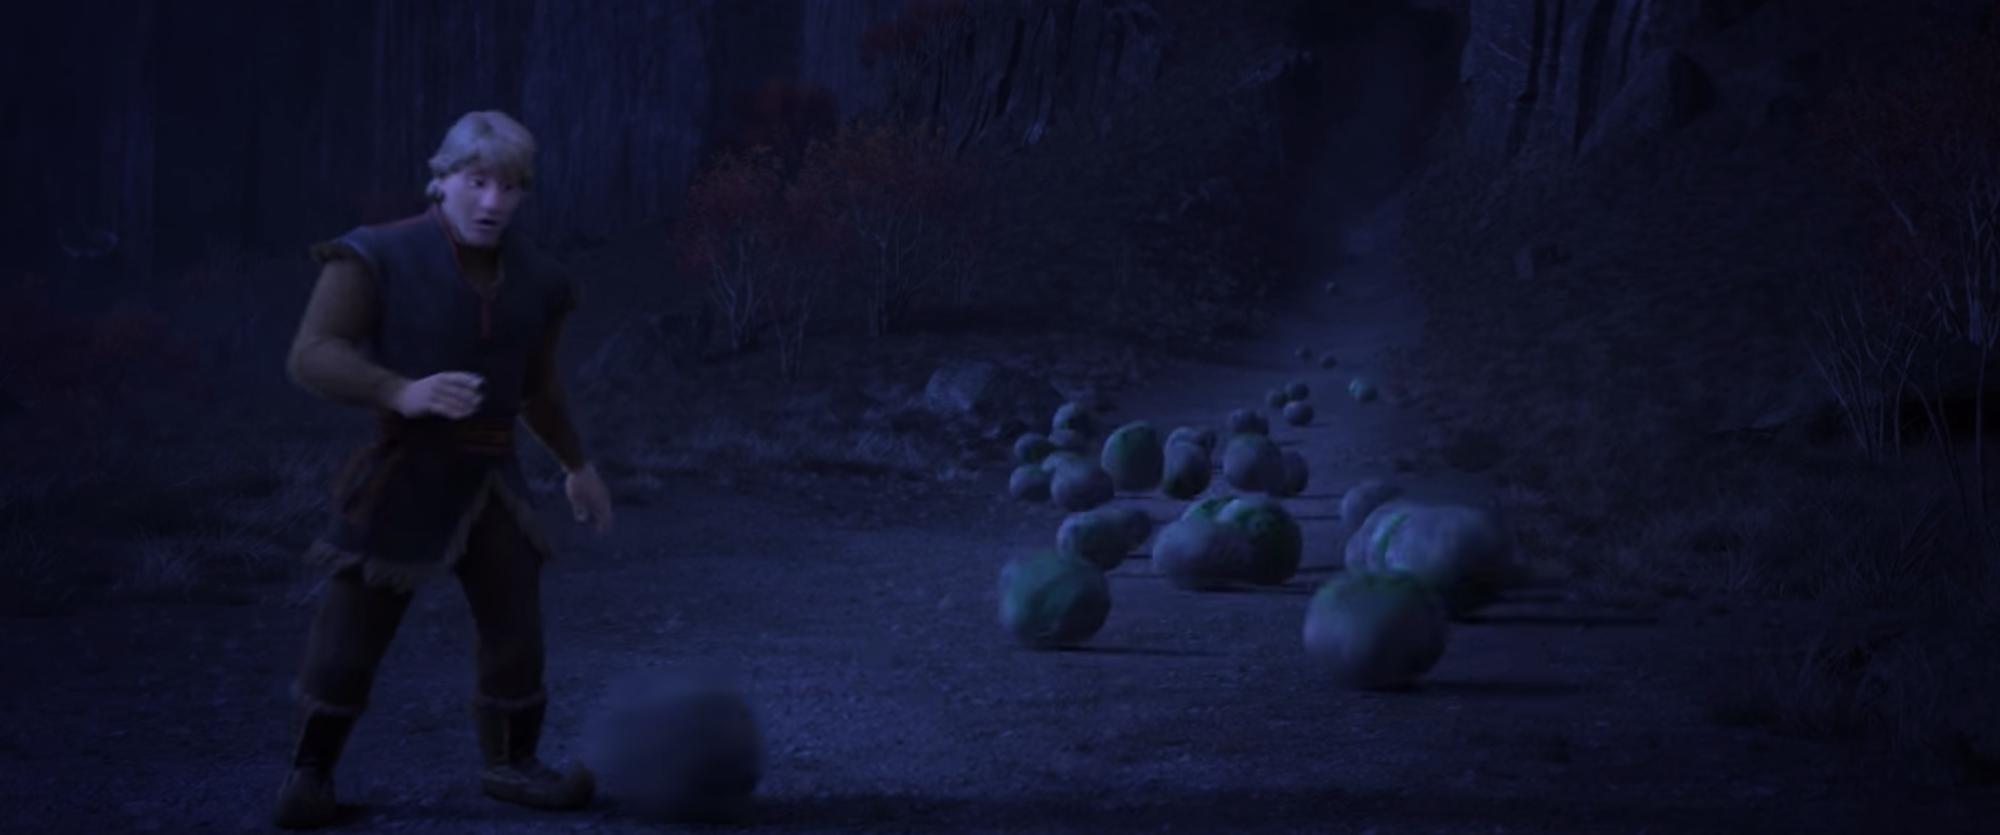 Frozen 2 tung trailer: Elsa cực kì lộng lẫy, xuất hiện siêu thú kì lân hoành tráng! - Ảnh 7.